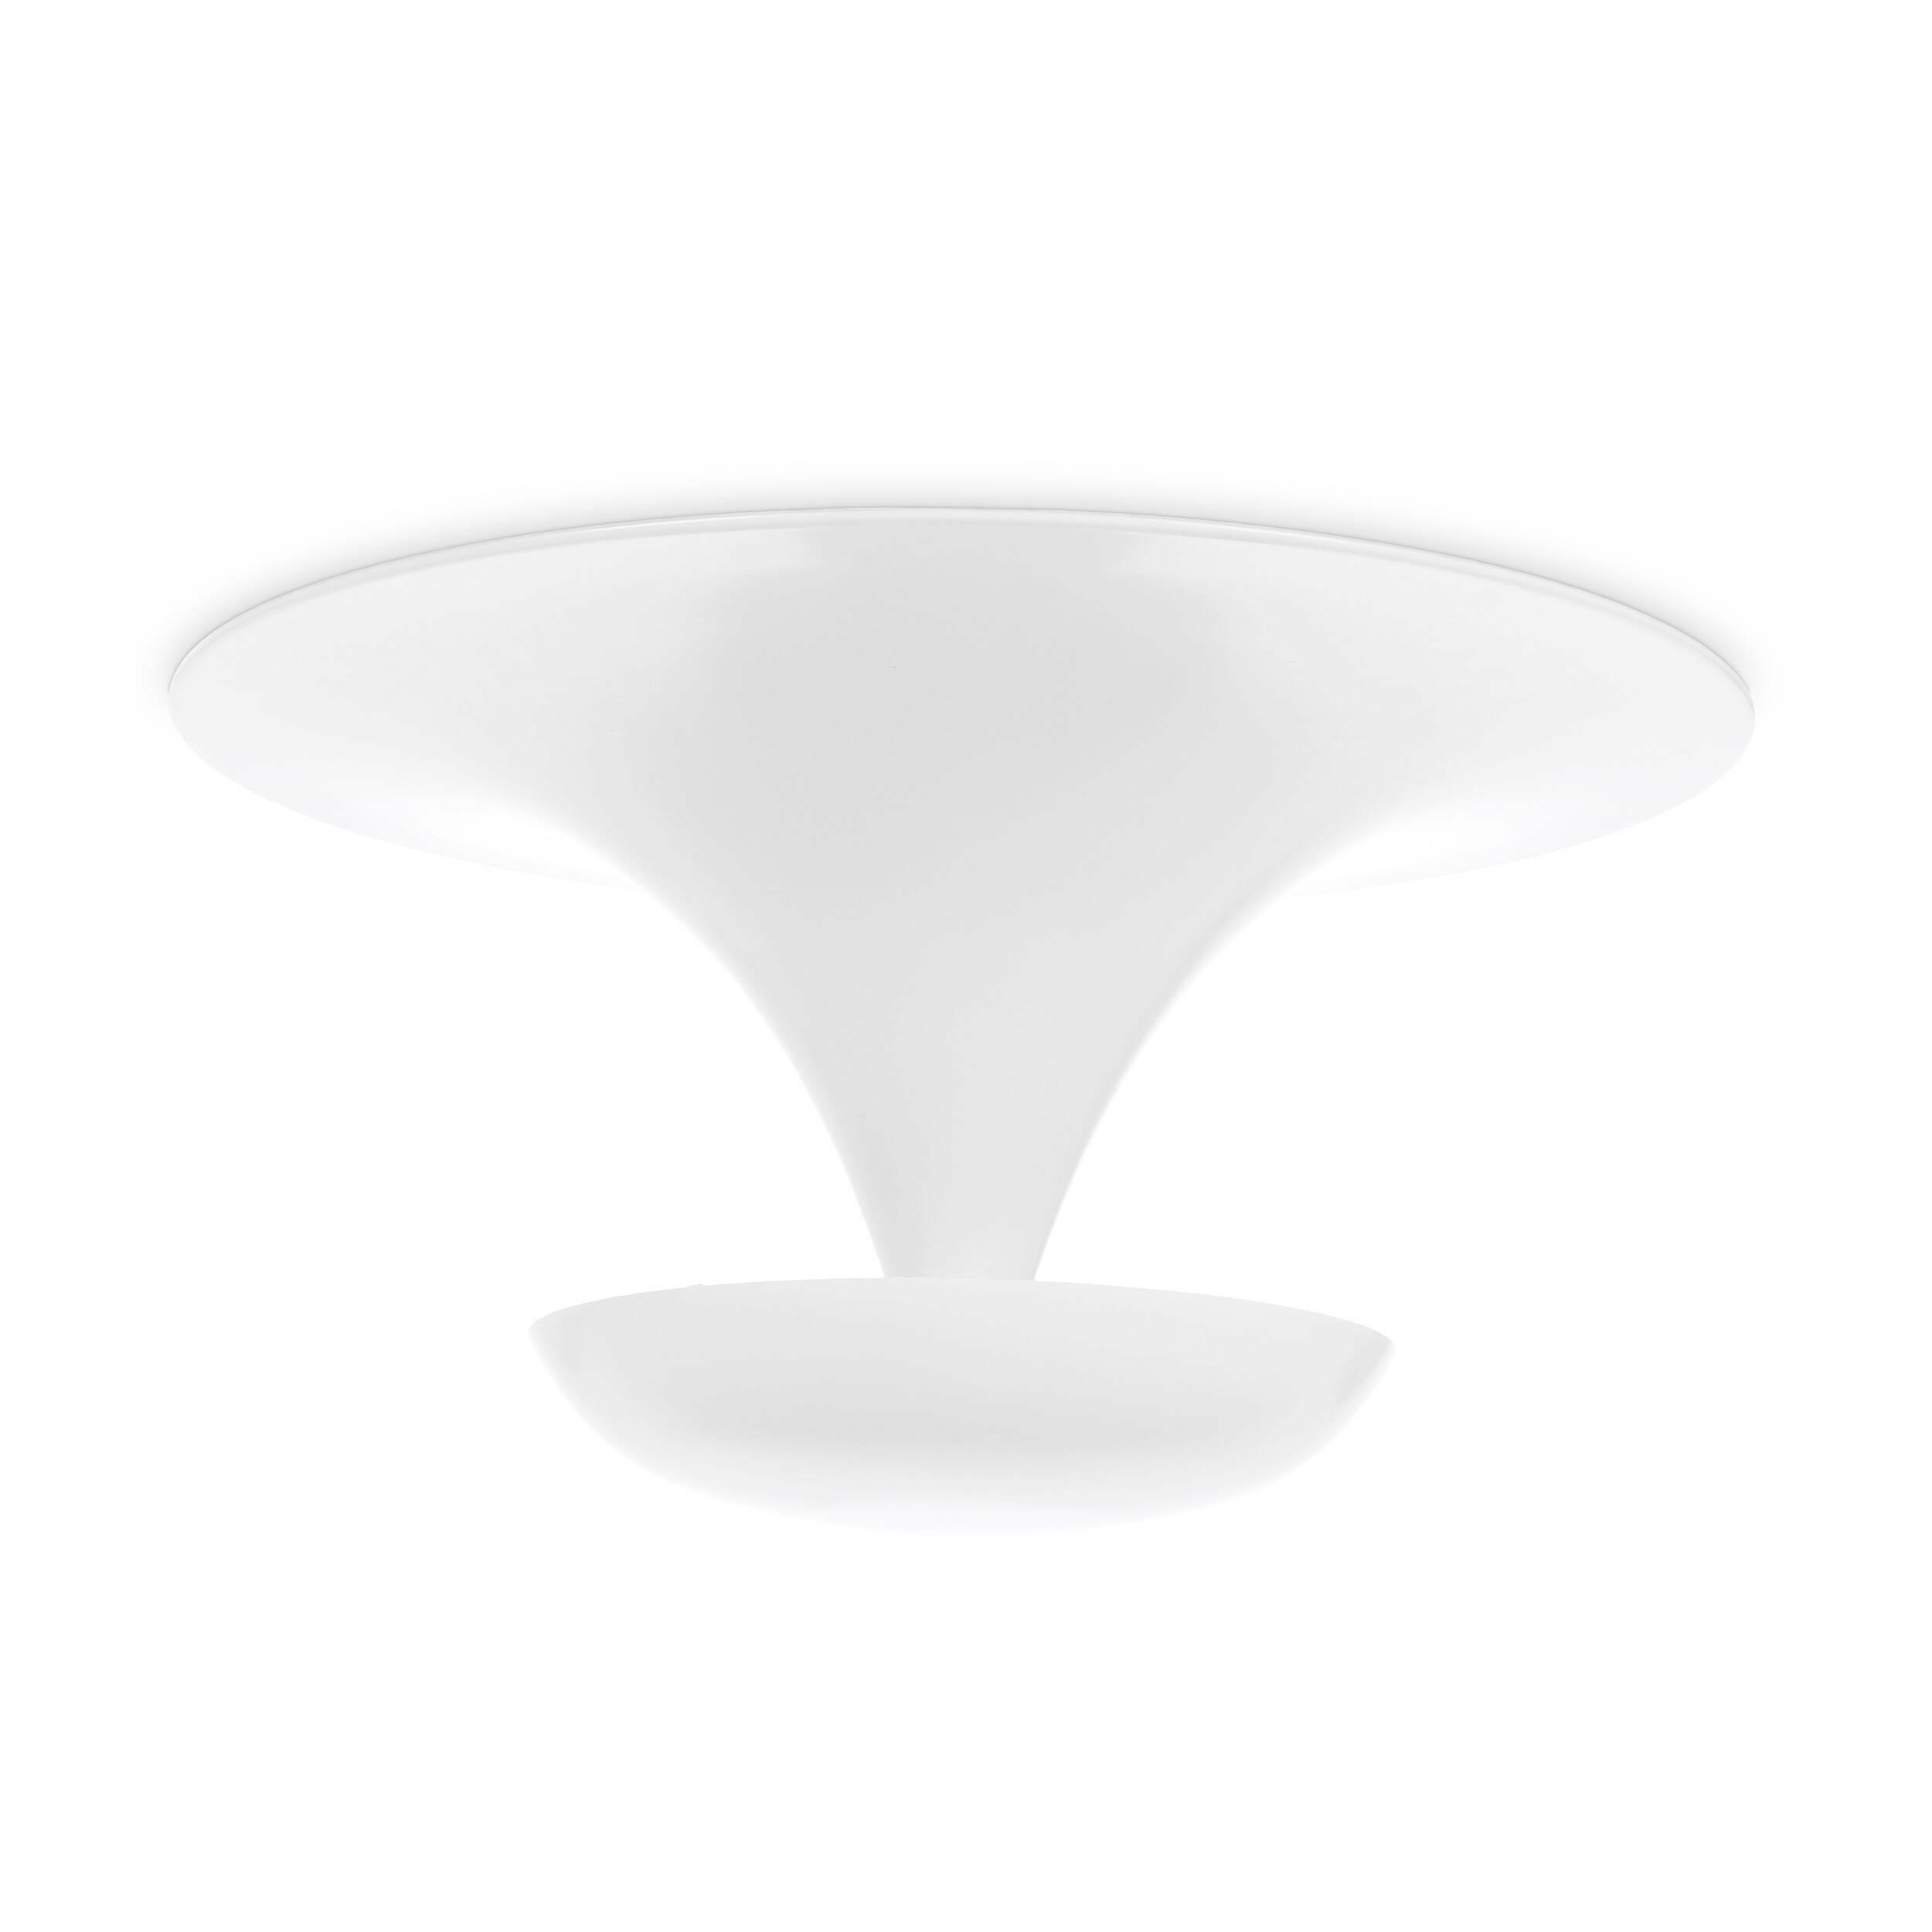 Светильник потолочный Cosmo 15578330 от Cosmorelax